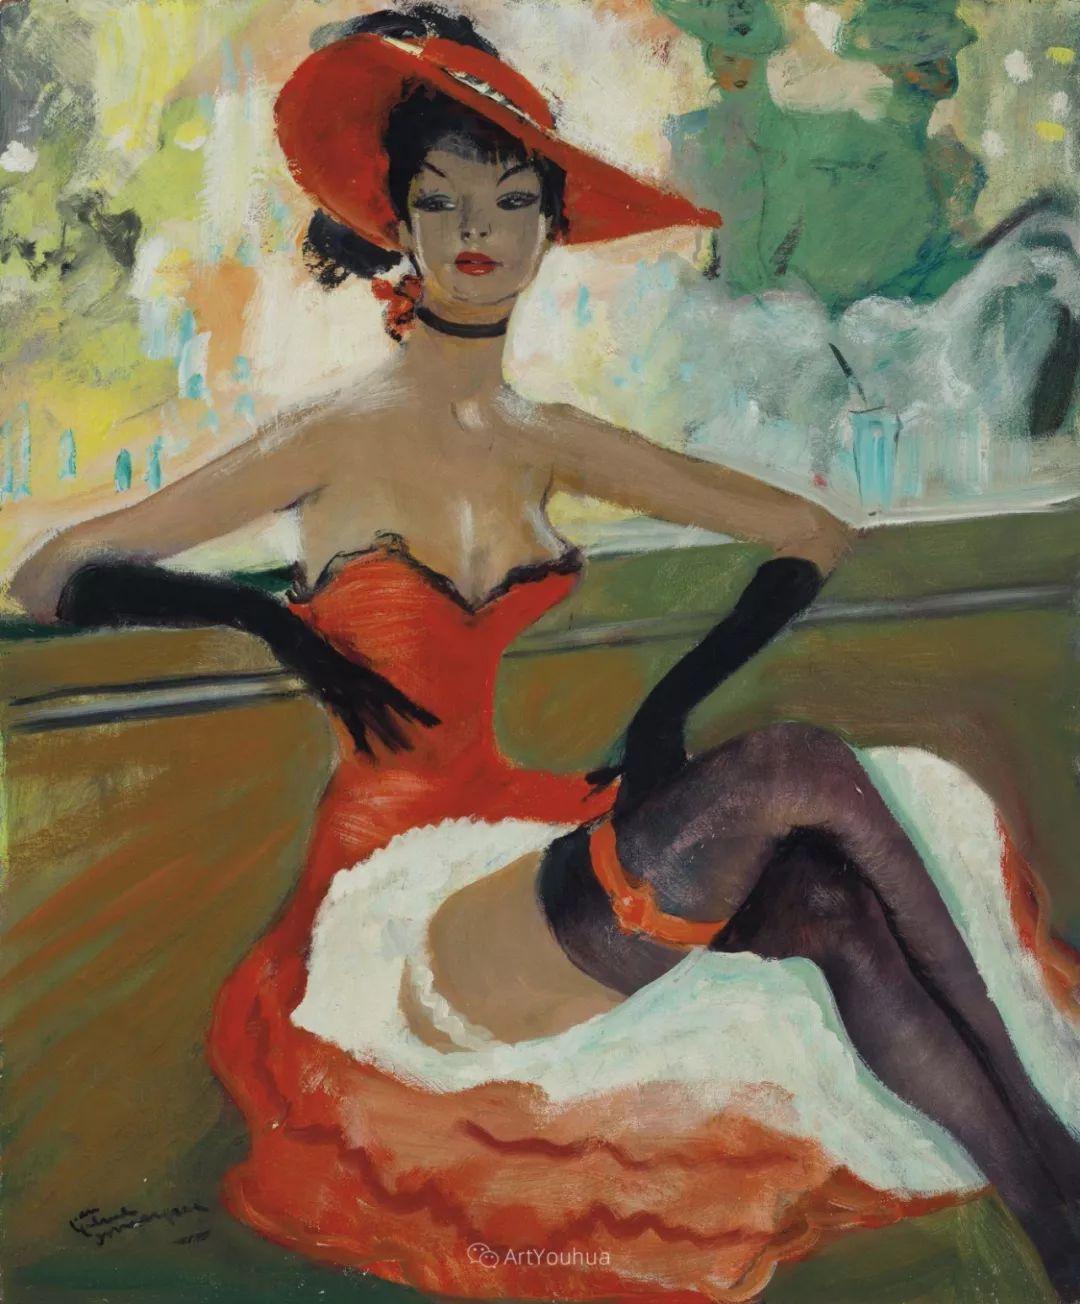 他画中的美女:典雅美丽天鹅颈,脸上带着调情趣味插图16